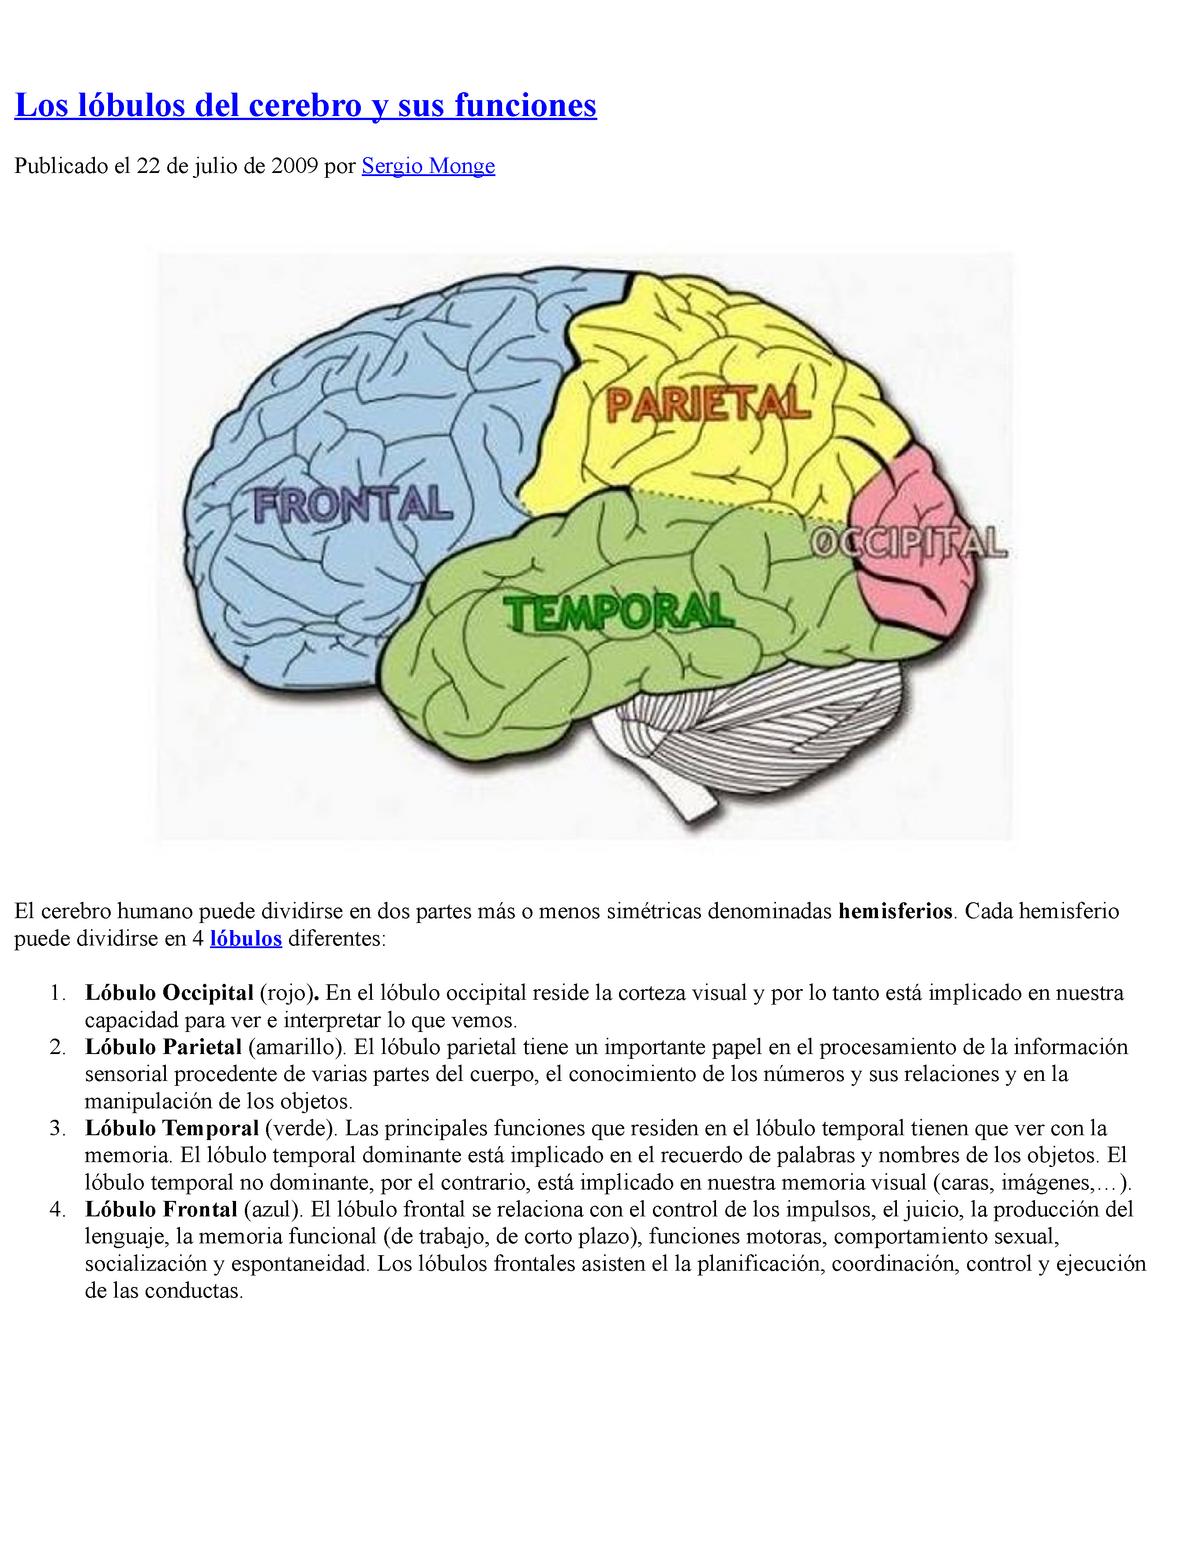 Los Lóbulos Del Cerebro Y Sus Funciones Studocu